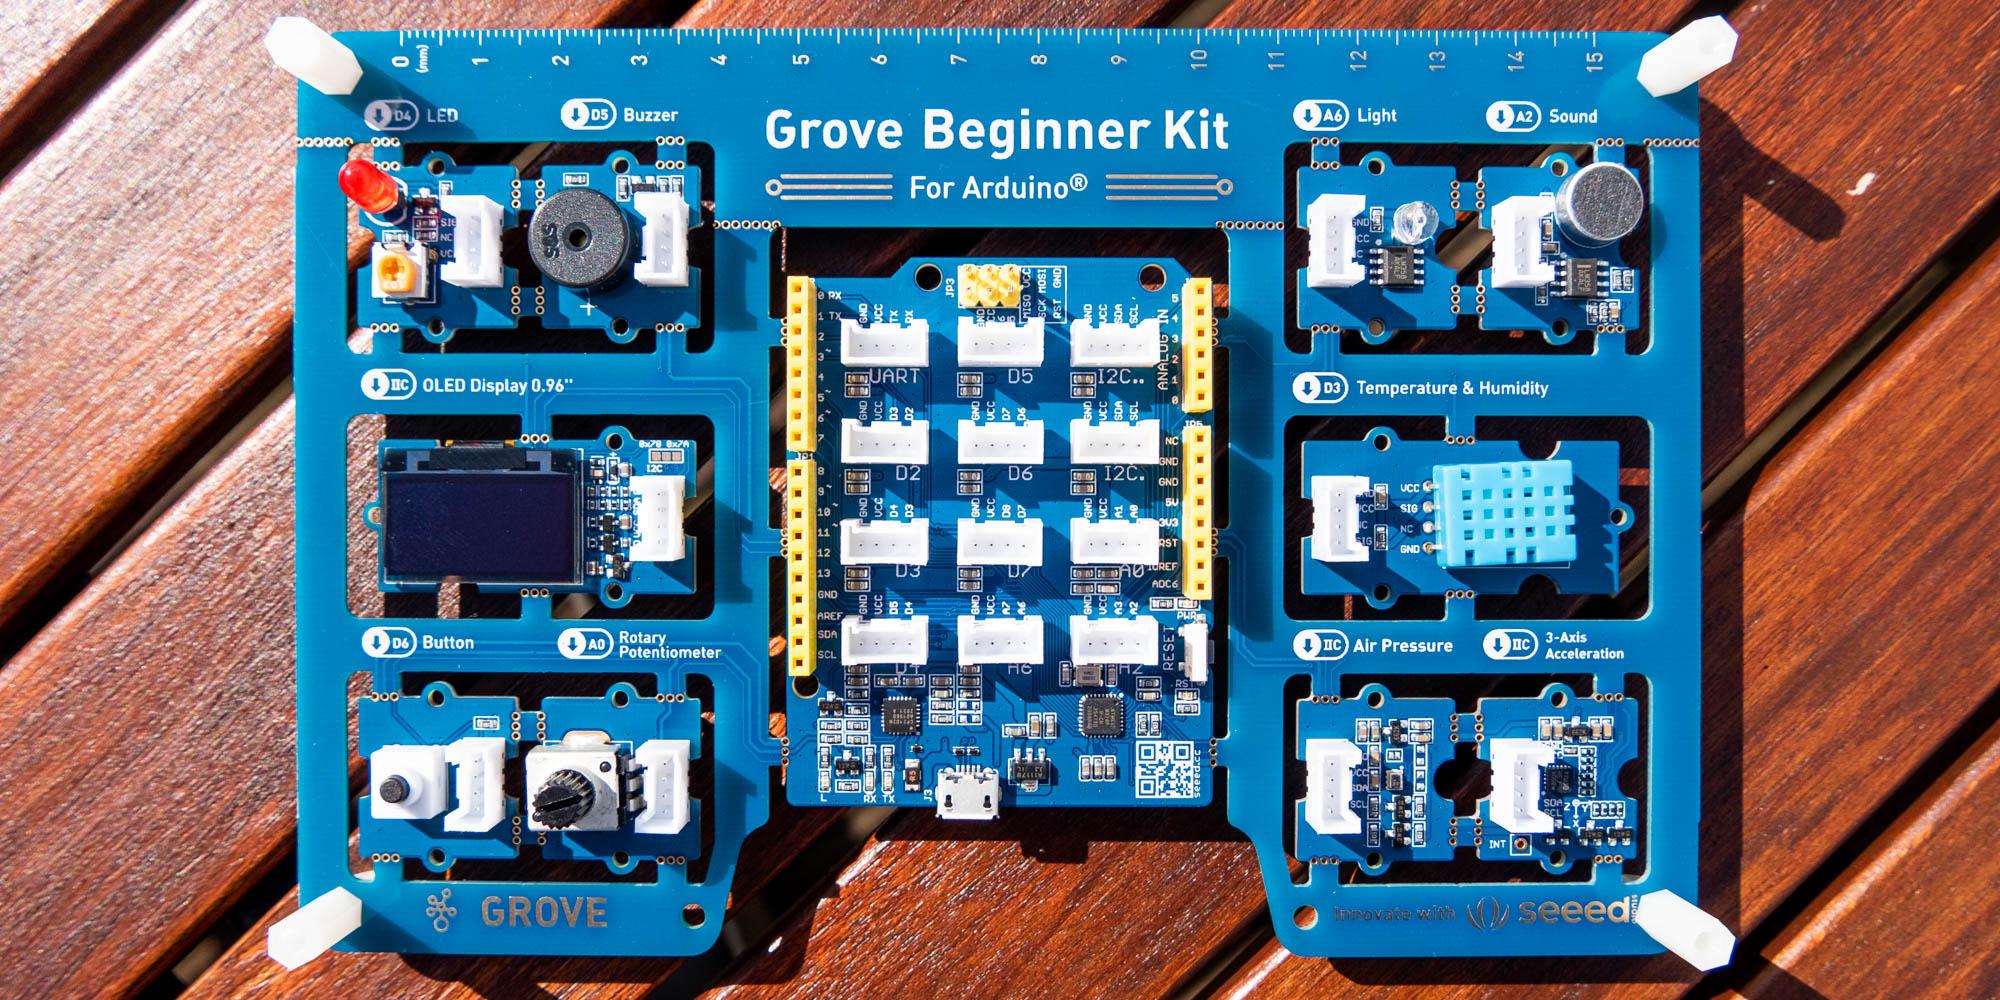 комплект для начинающих Grove содержимое коробки